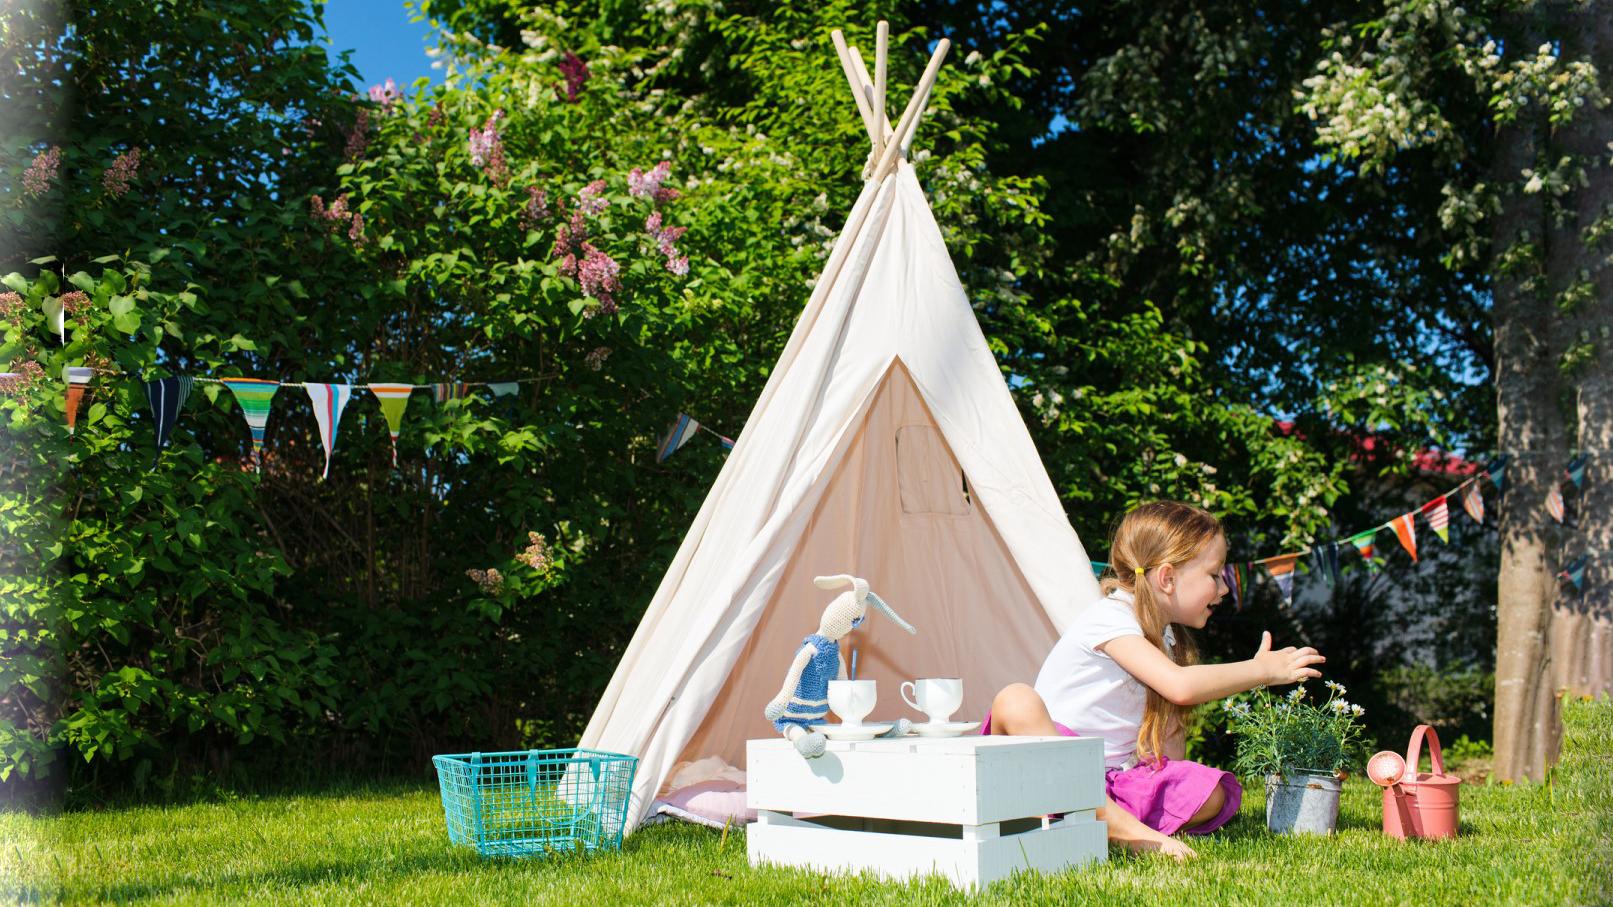 چادر بازی کودک برای فضای باز